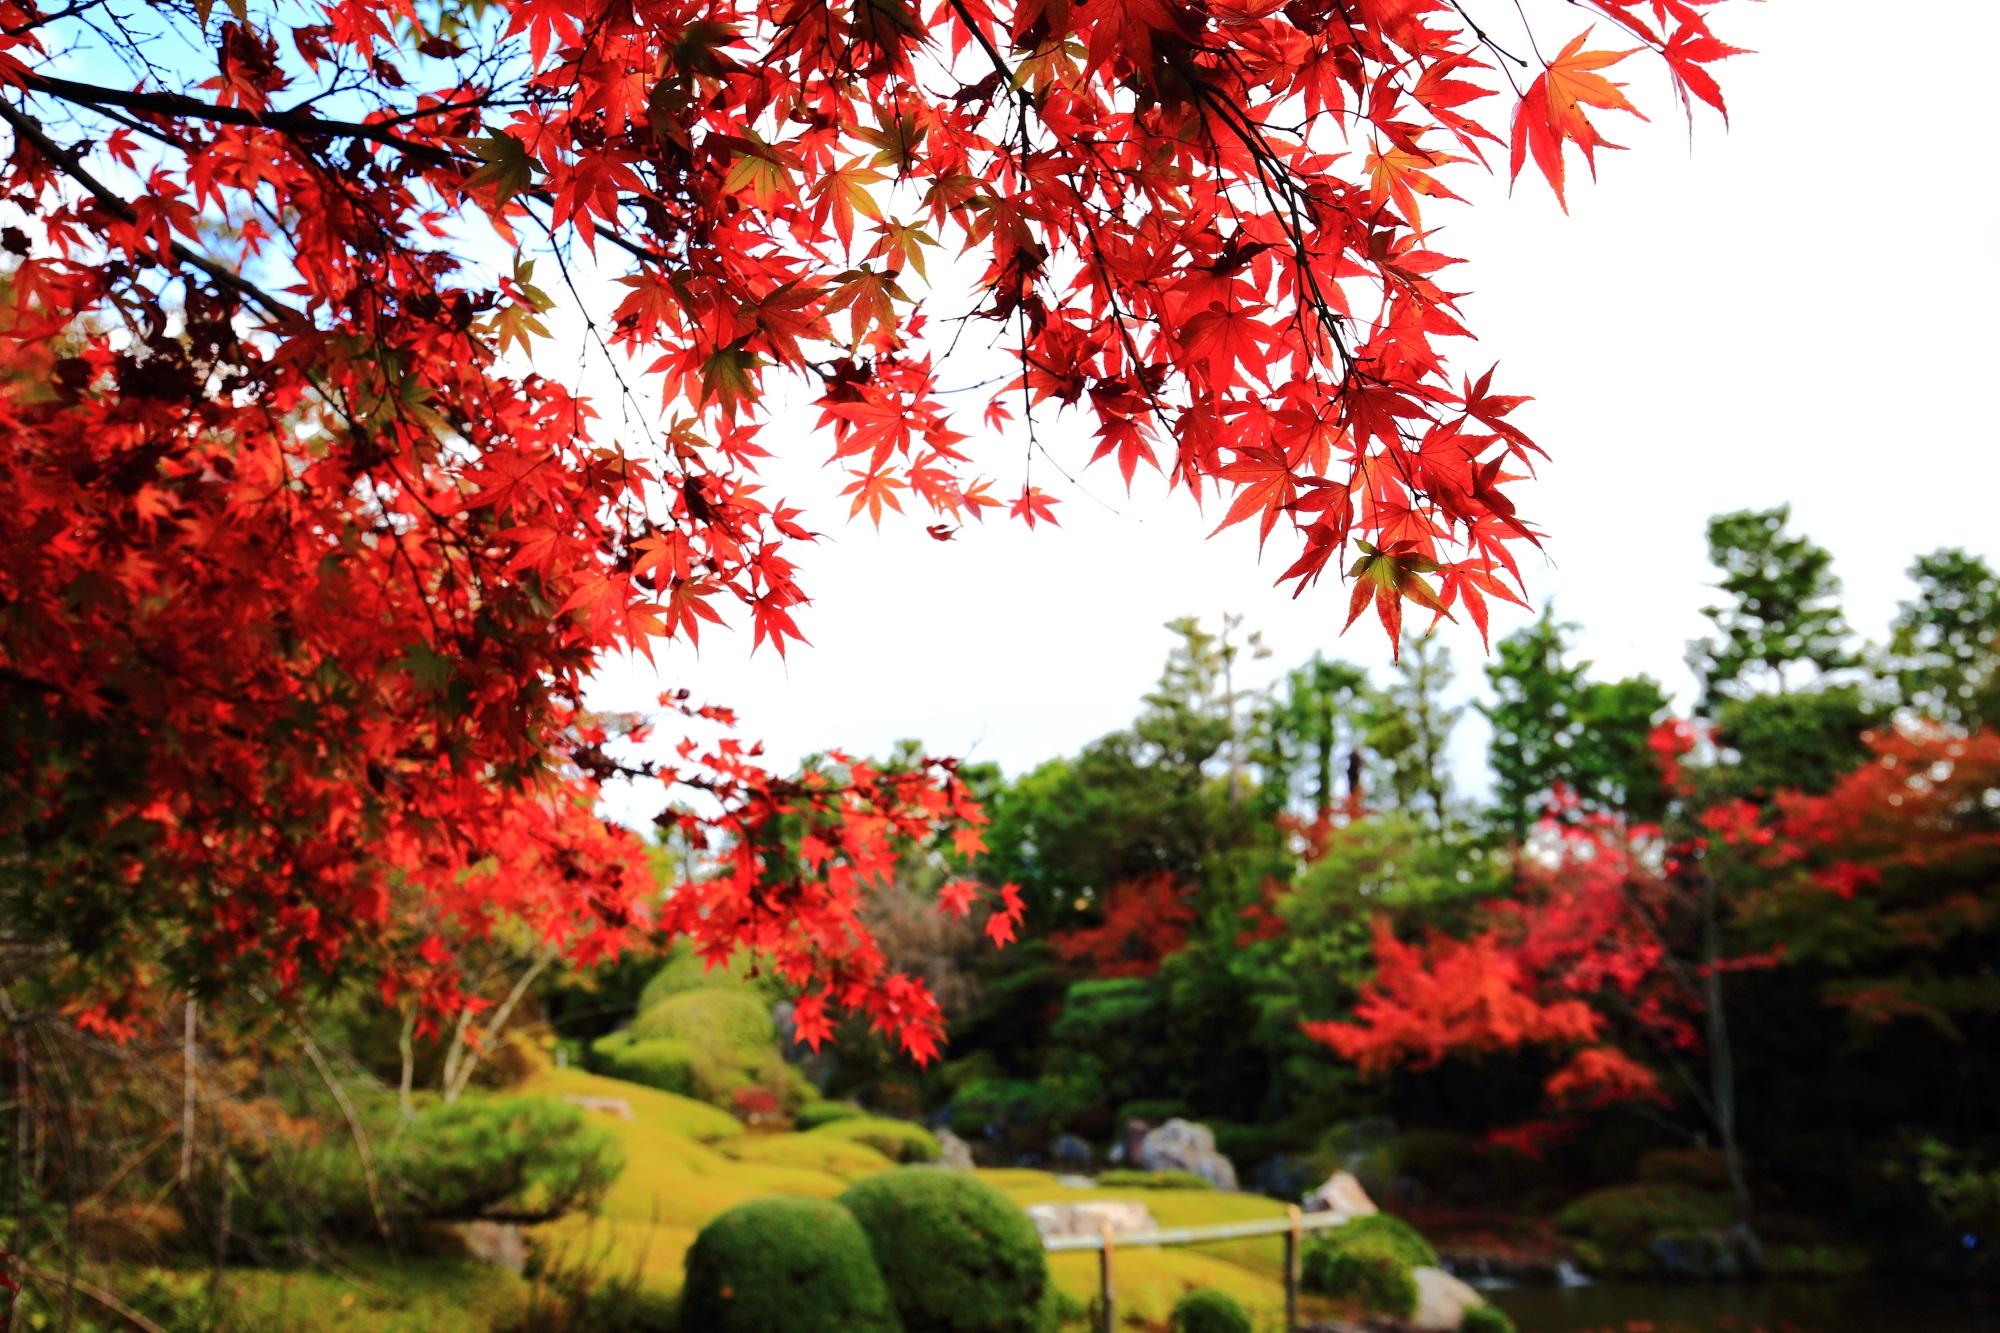 美しい水と緑の庭園を秋色に染める鮮やかな紅葉